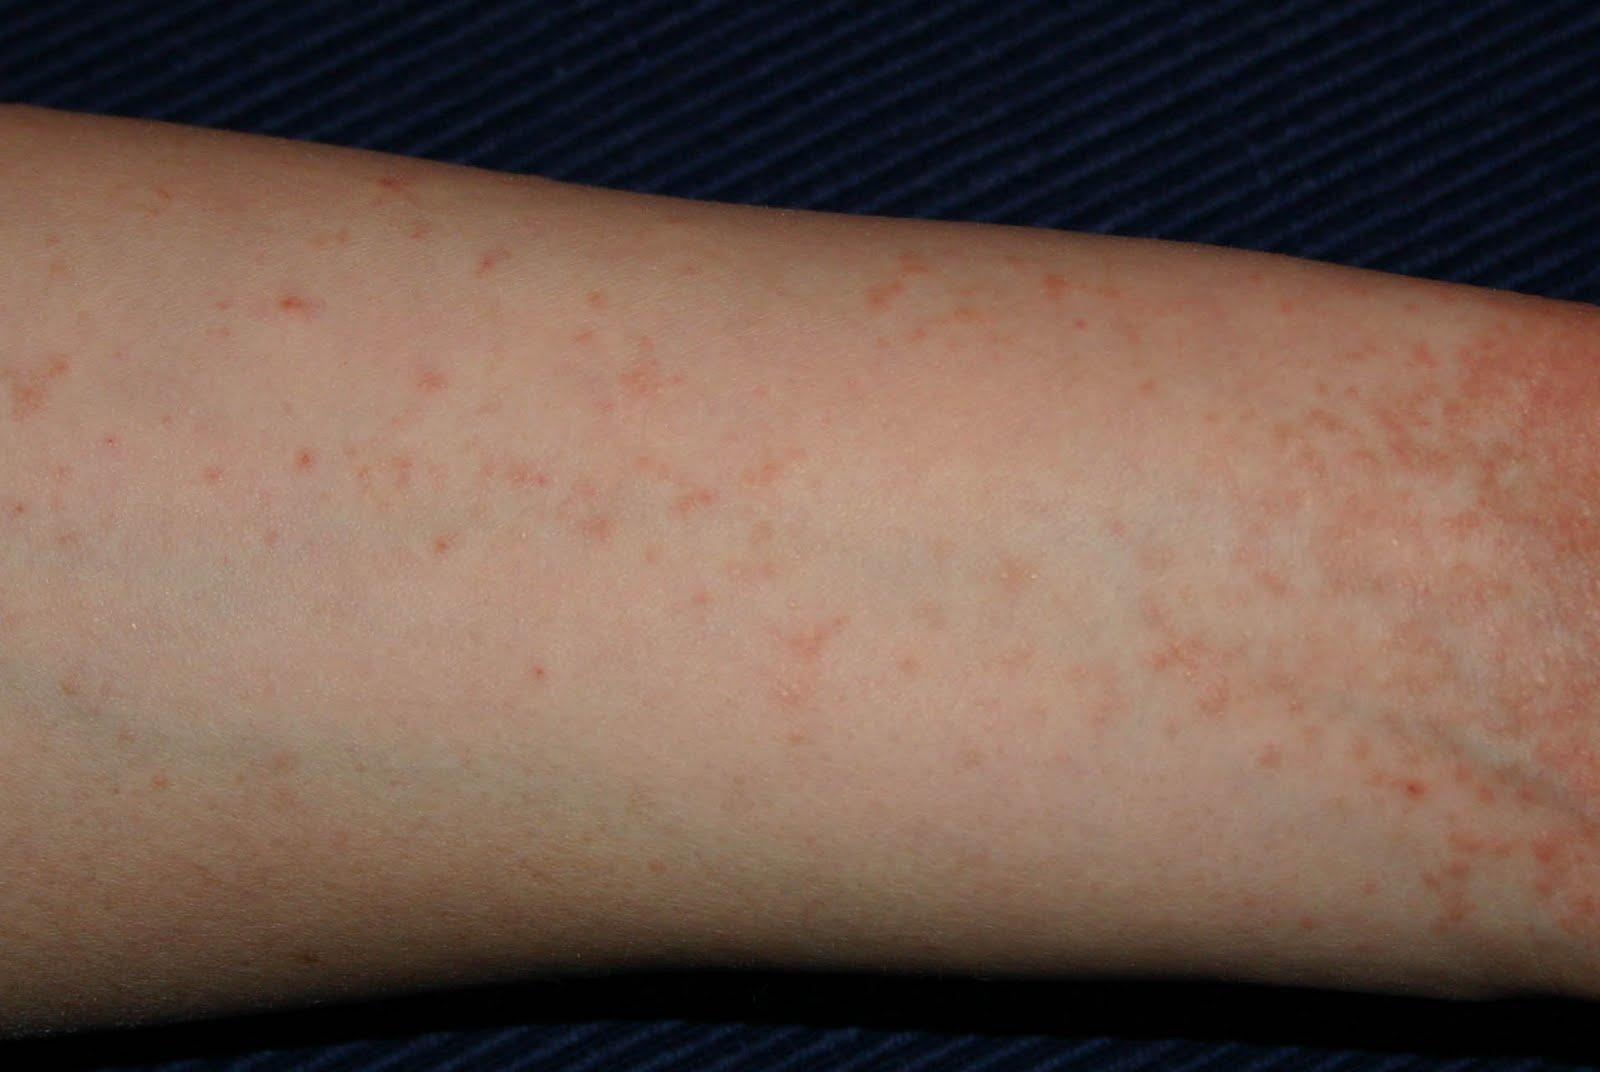 hogyan kell kezelni a pikkelysmr lbakon s karokon vörös és barna foltok a lábakon